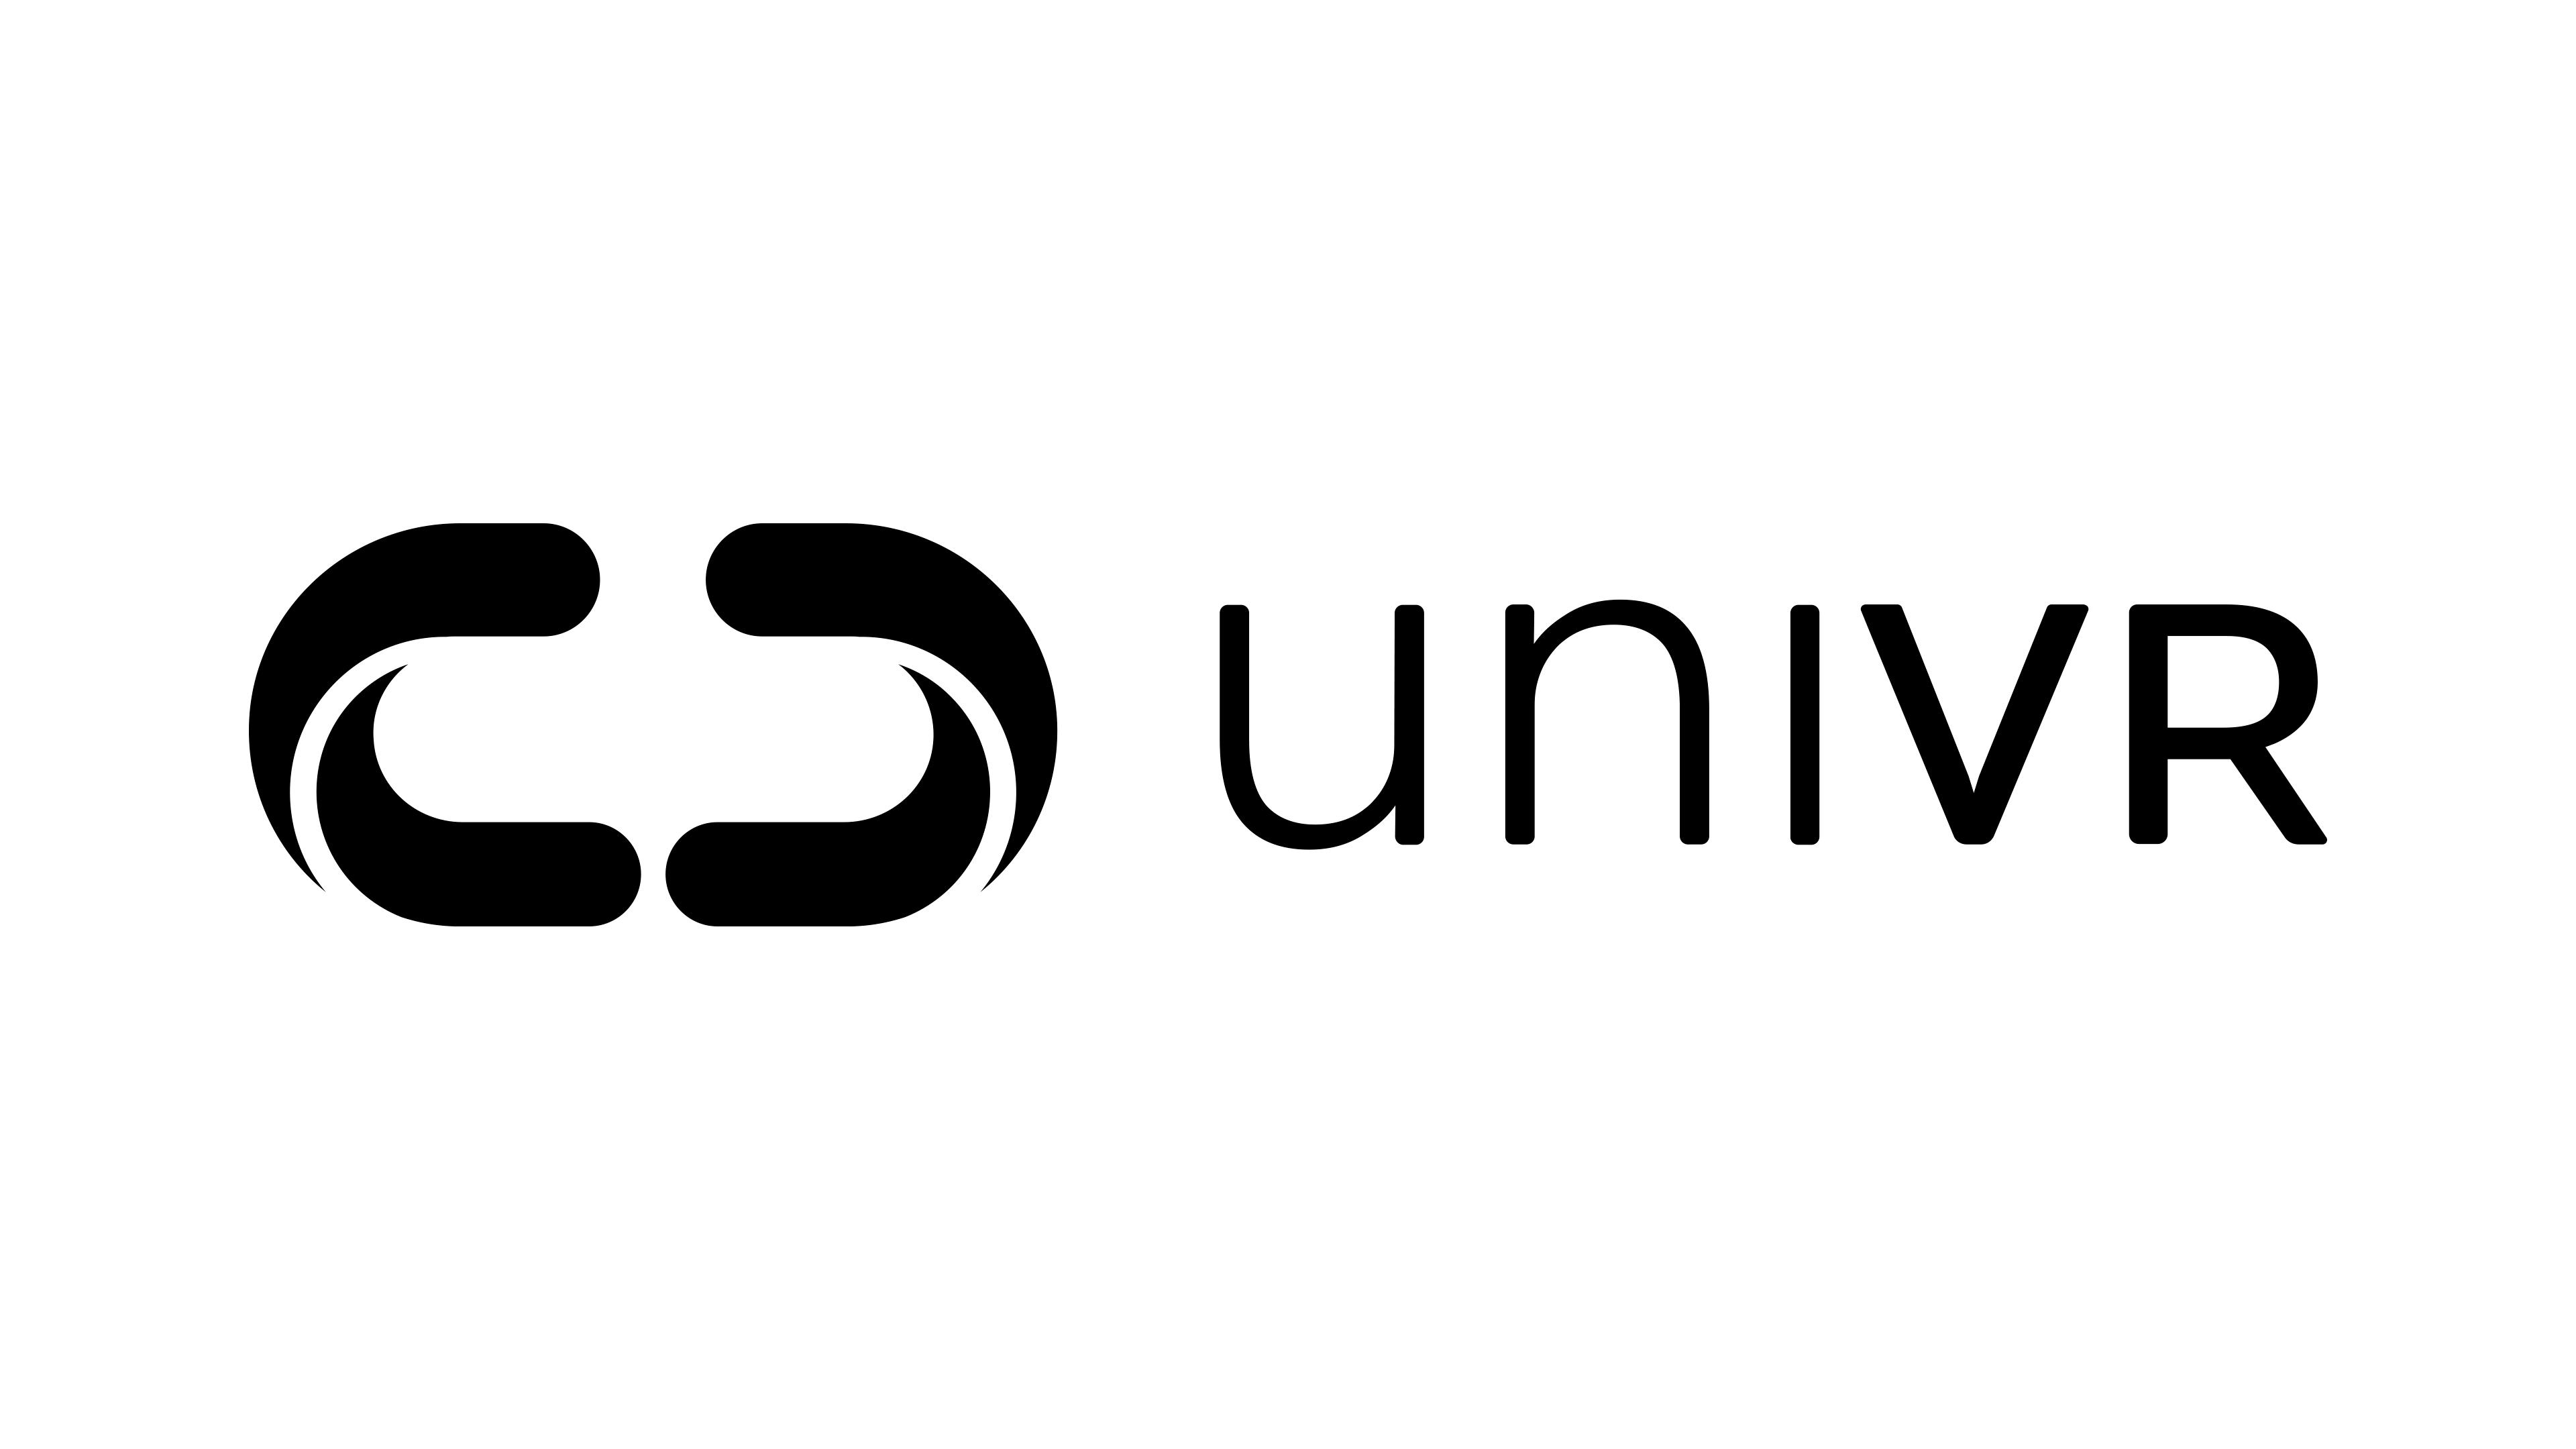 Logotype uniVR studio